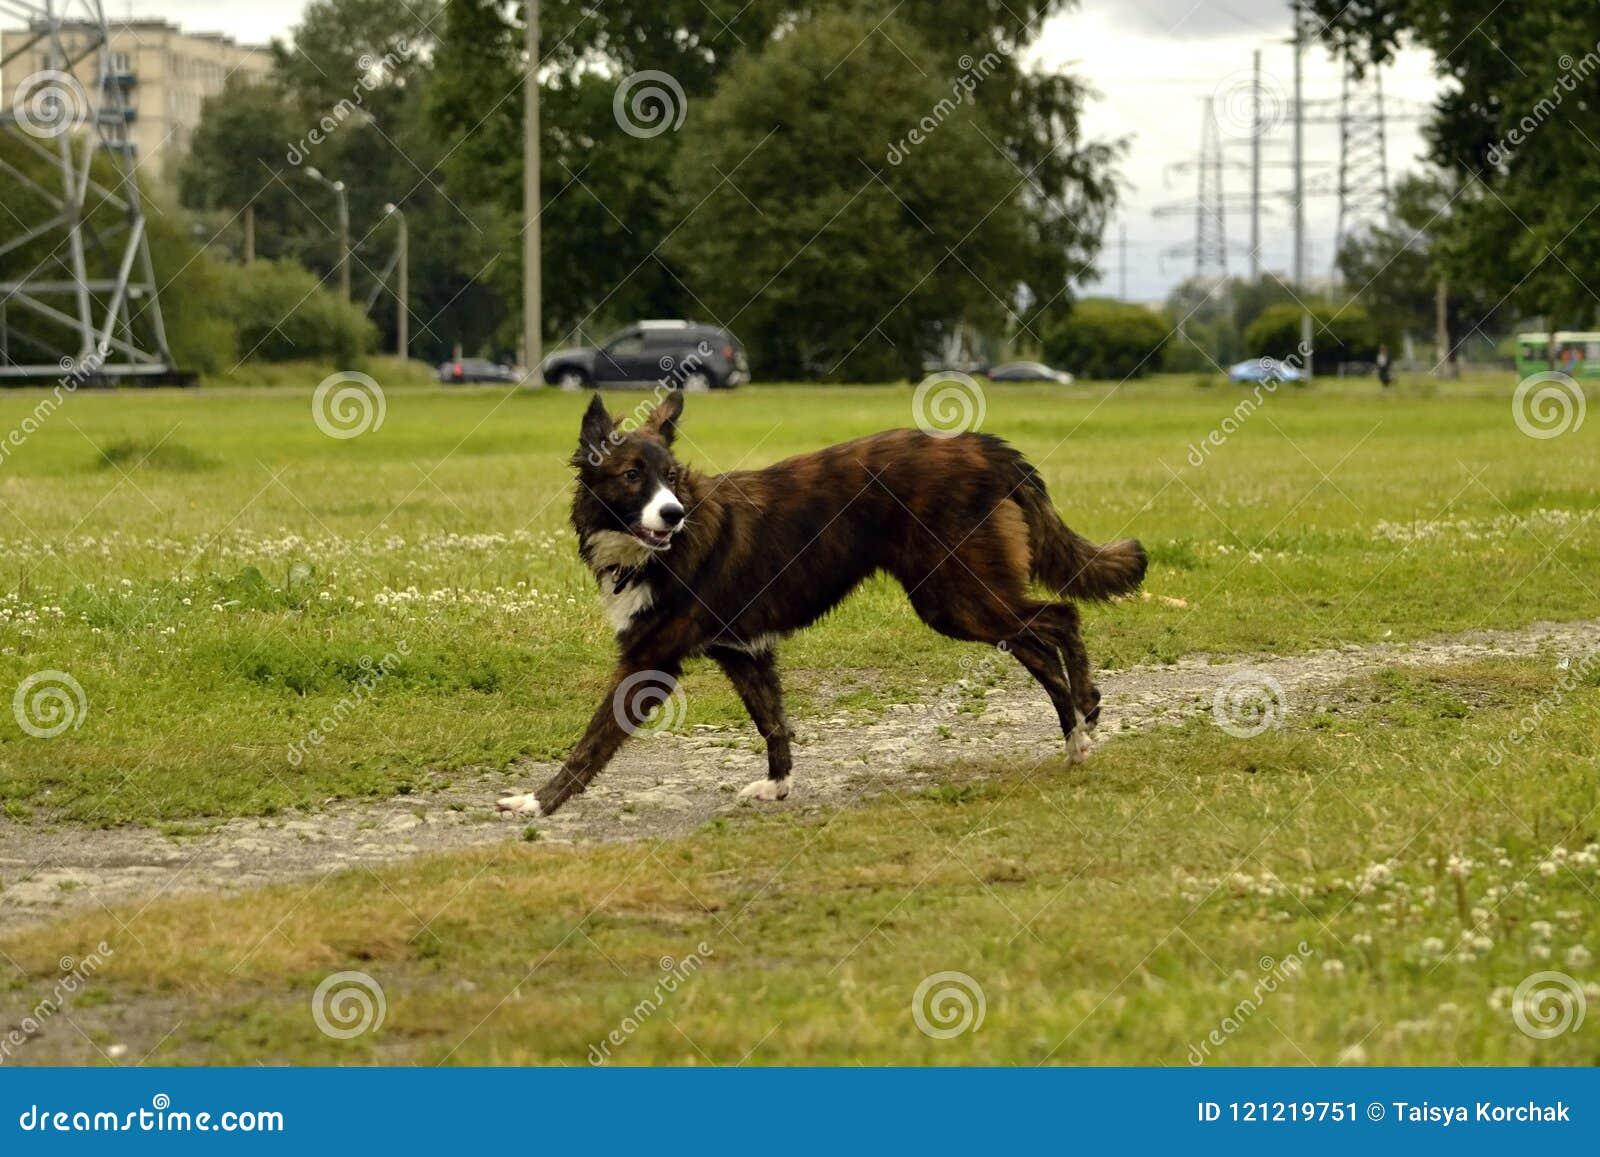 Emociones de animales Perro enérgico joven en un paseo Educación de los perritos, cynology, entrenamiento intensivo de perros jov